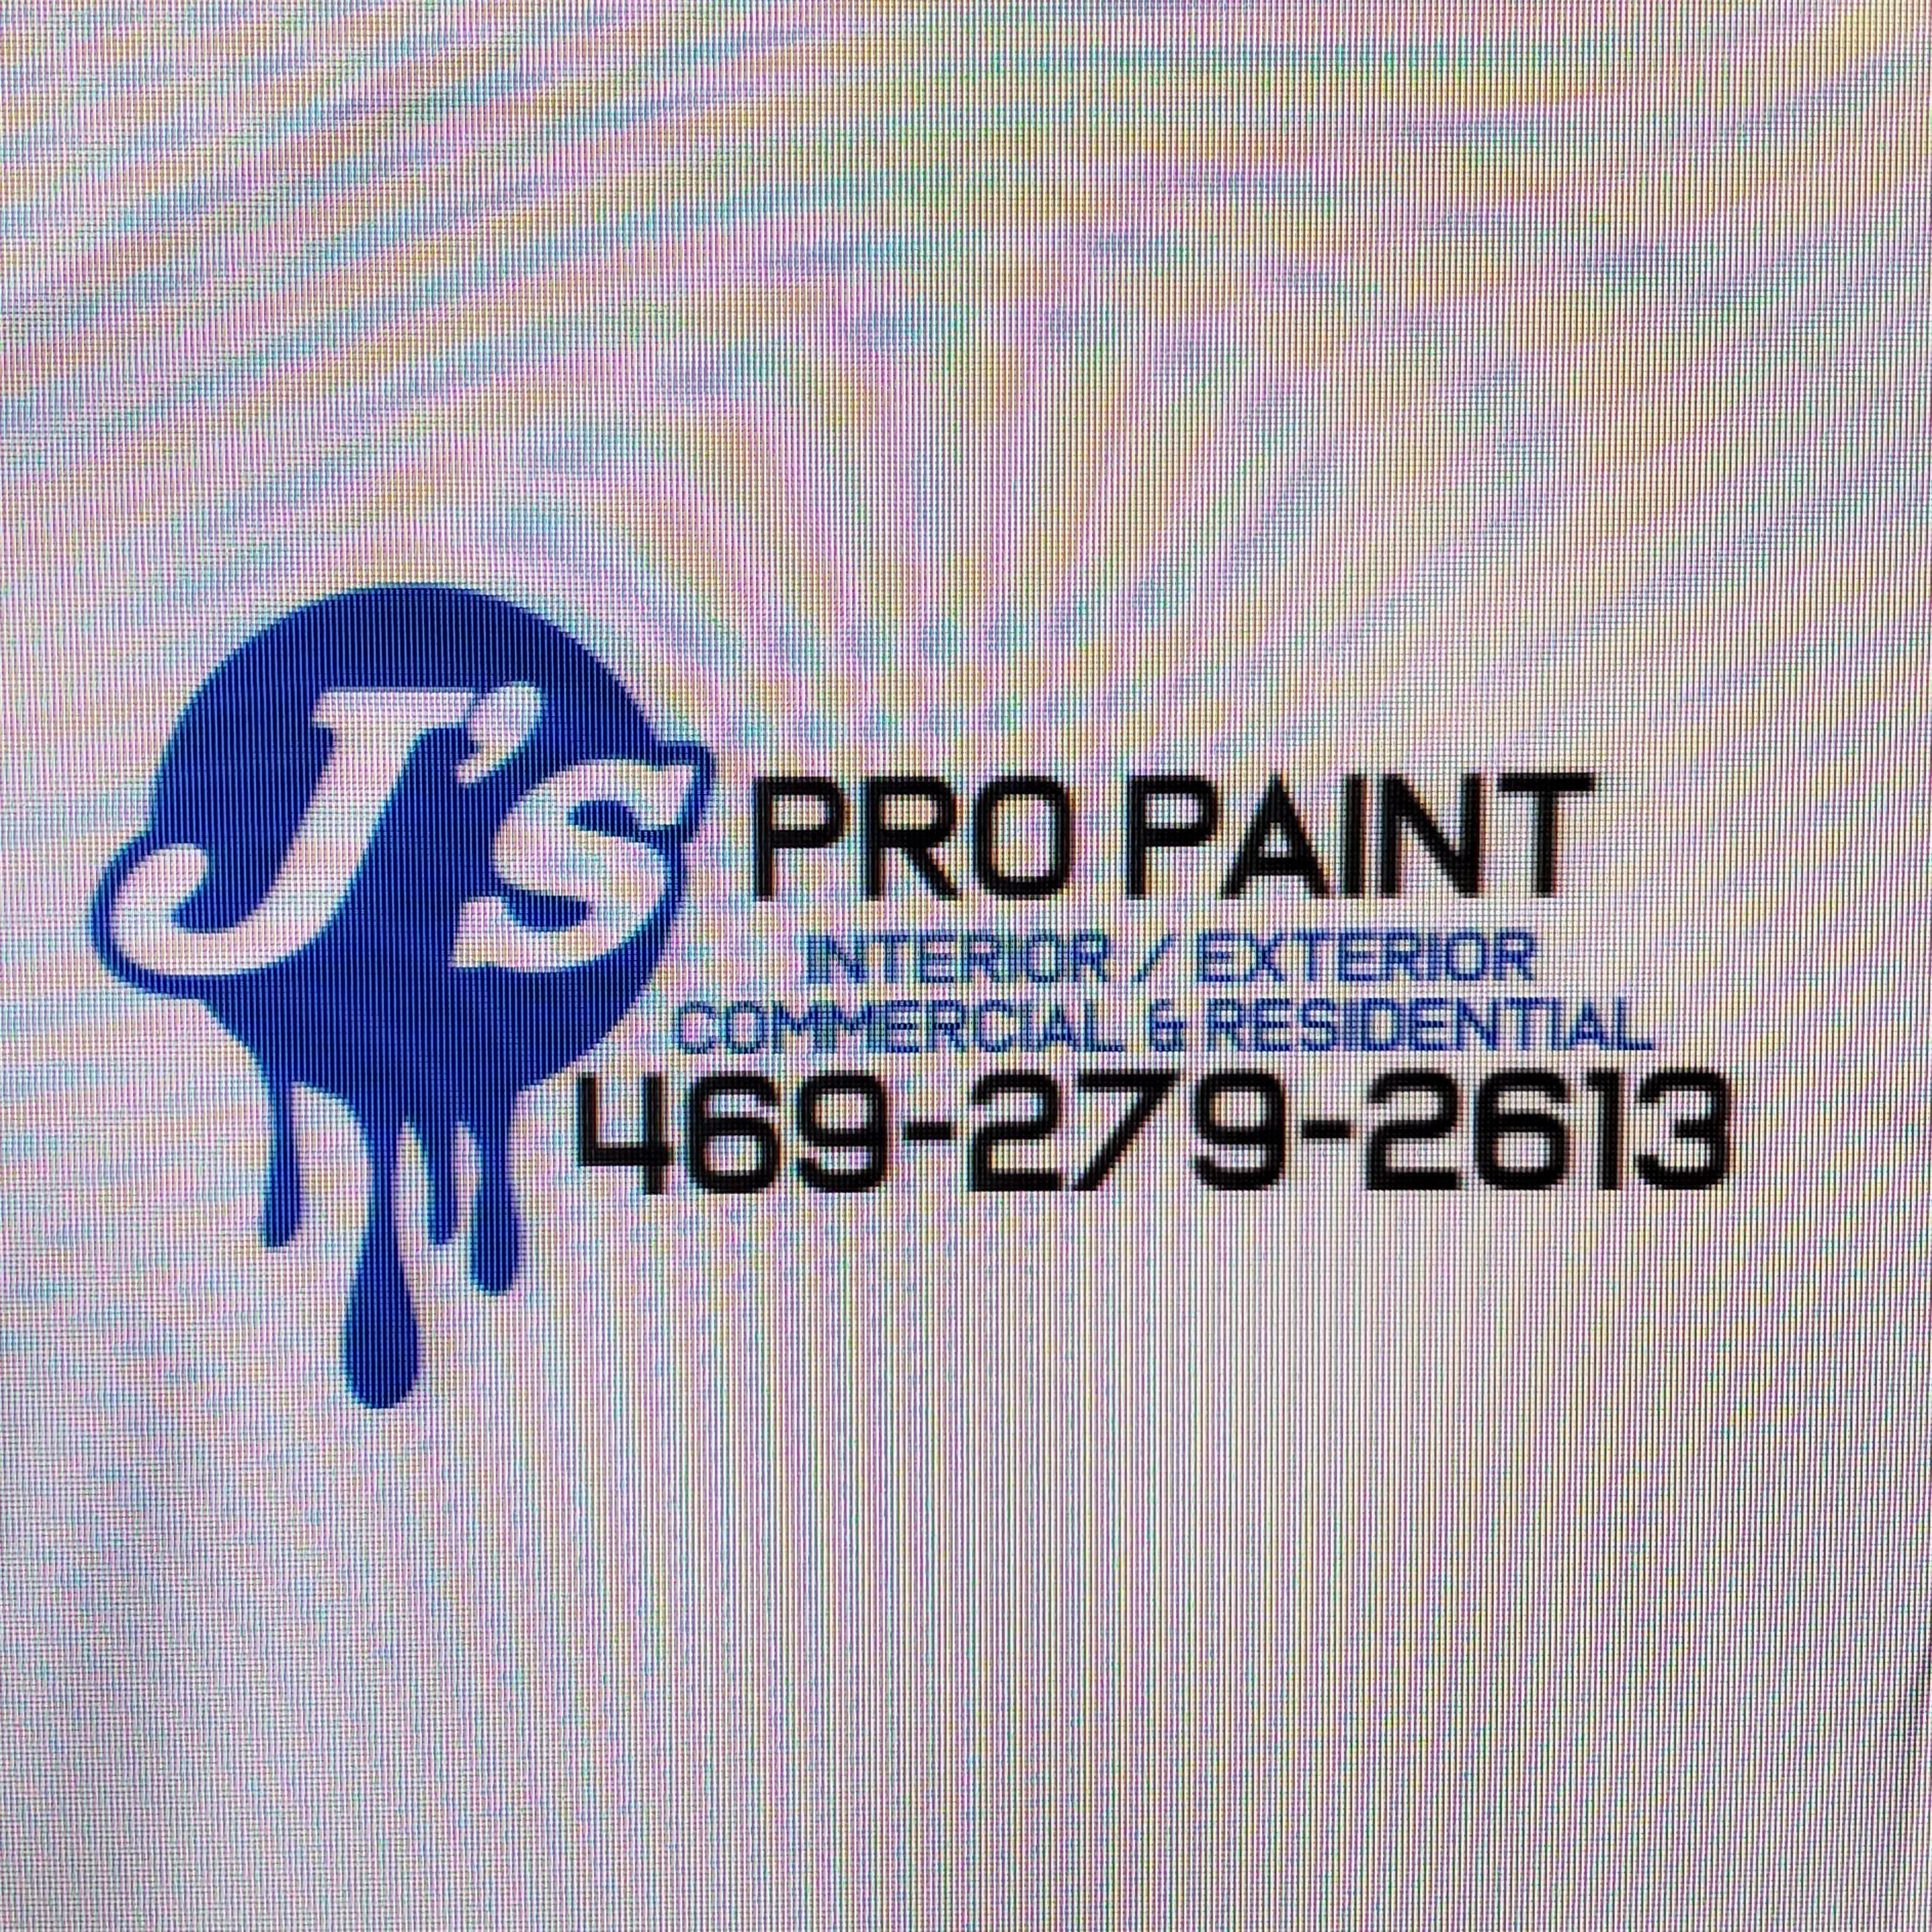 J's Pro Paint